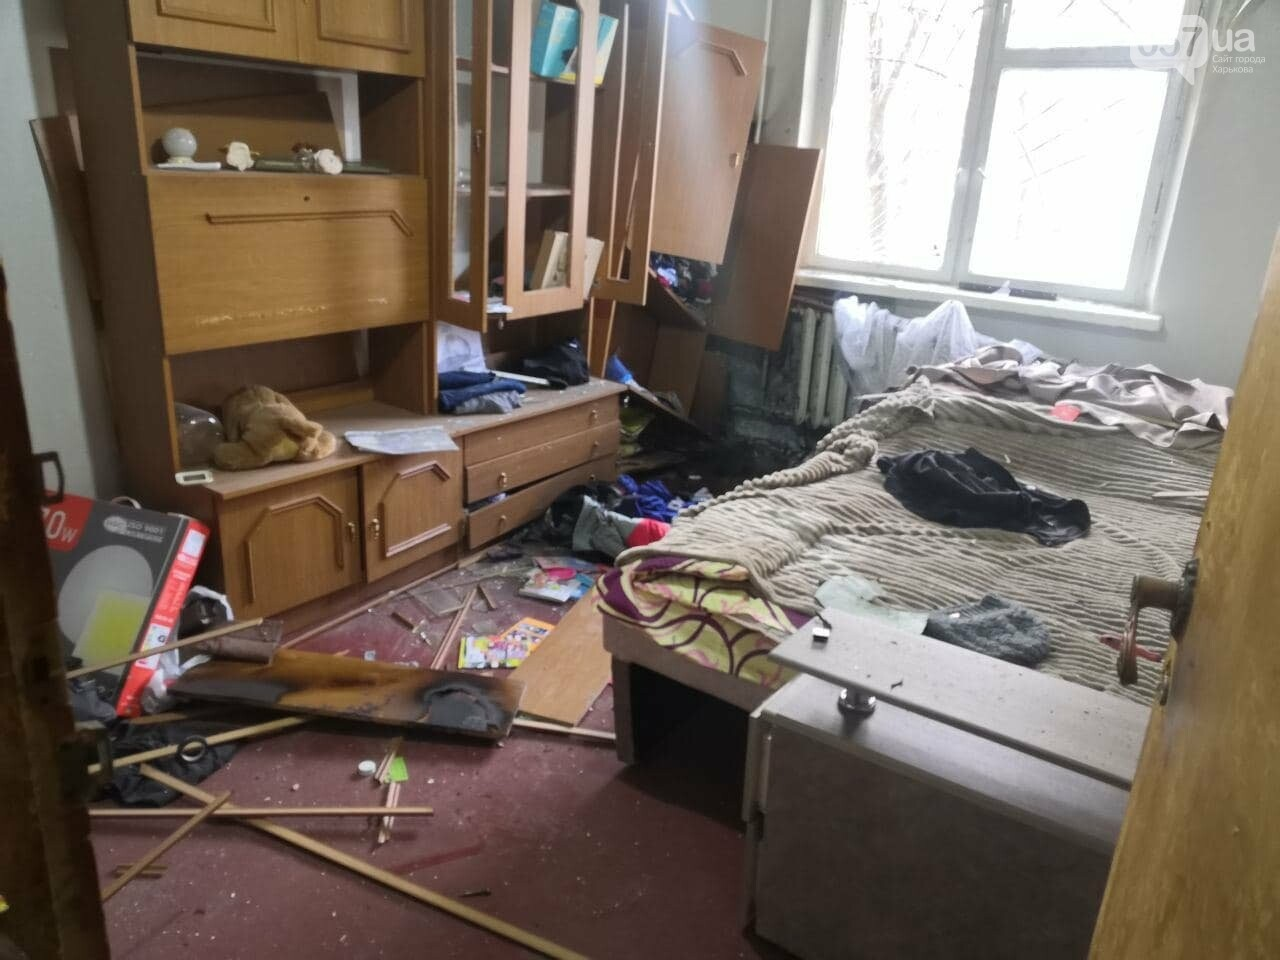 Взрыв в Харькове: что известно о состоянии мужчины, пытавшегося кинуть гранату в квартиру, - ФОТО, фото-2